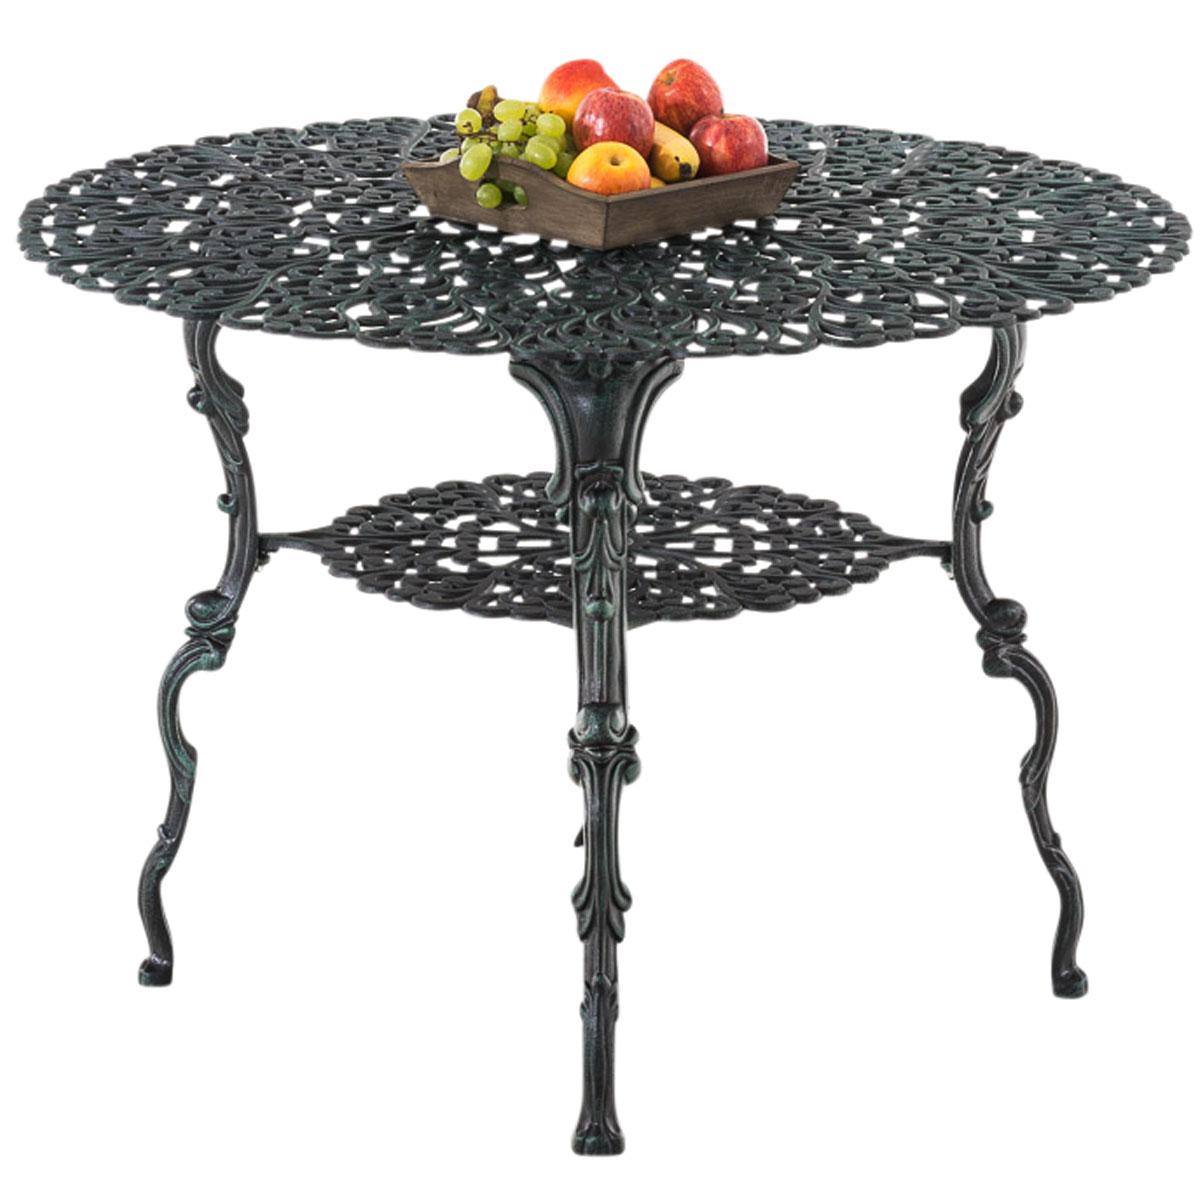 gartentisch rudra rund terrassentisch esstisch metalltisch. Black Bedroom Furniture Sets. Home Design Ideas